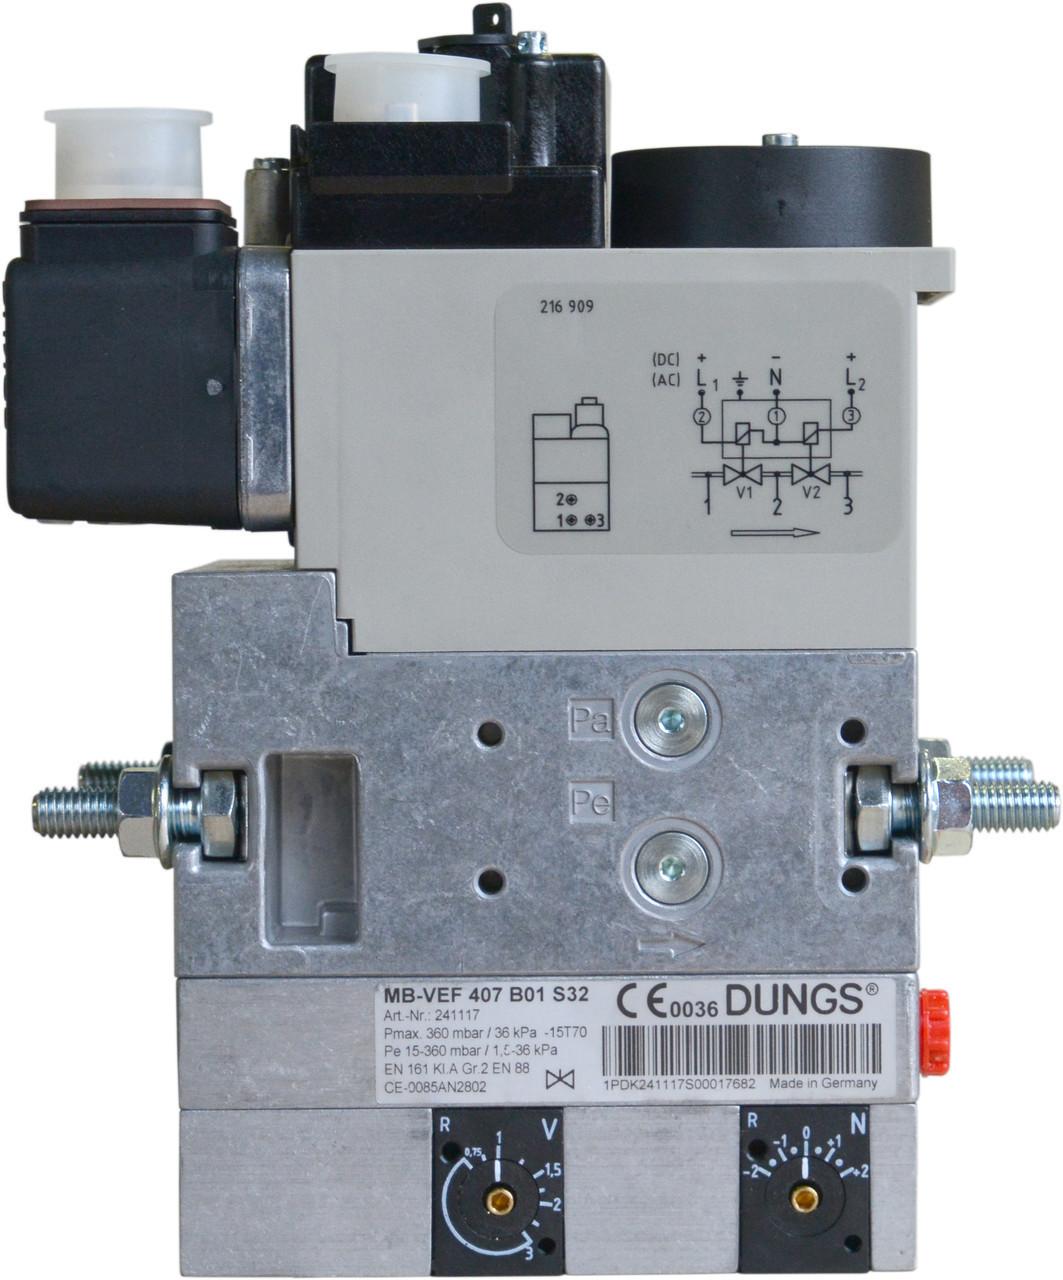 Газовый мультиблок Dungs MB-VEF 425 B01 S12  арт. №240296